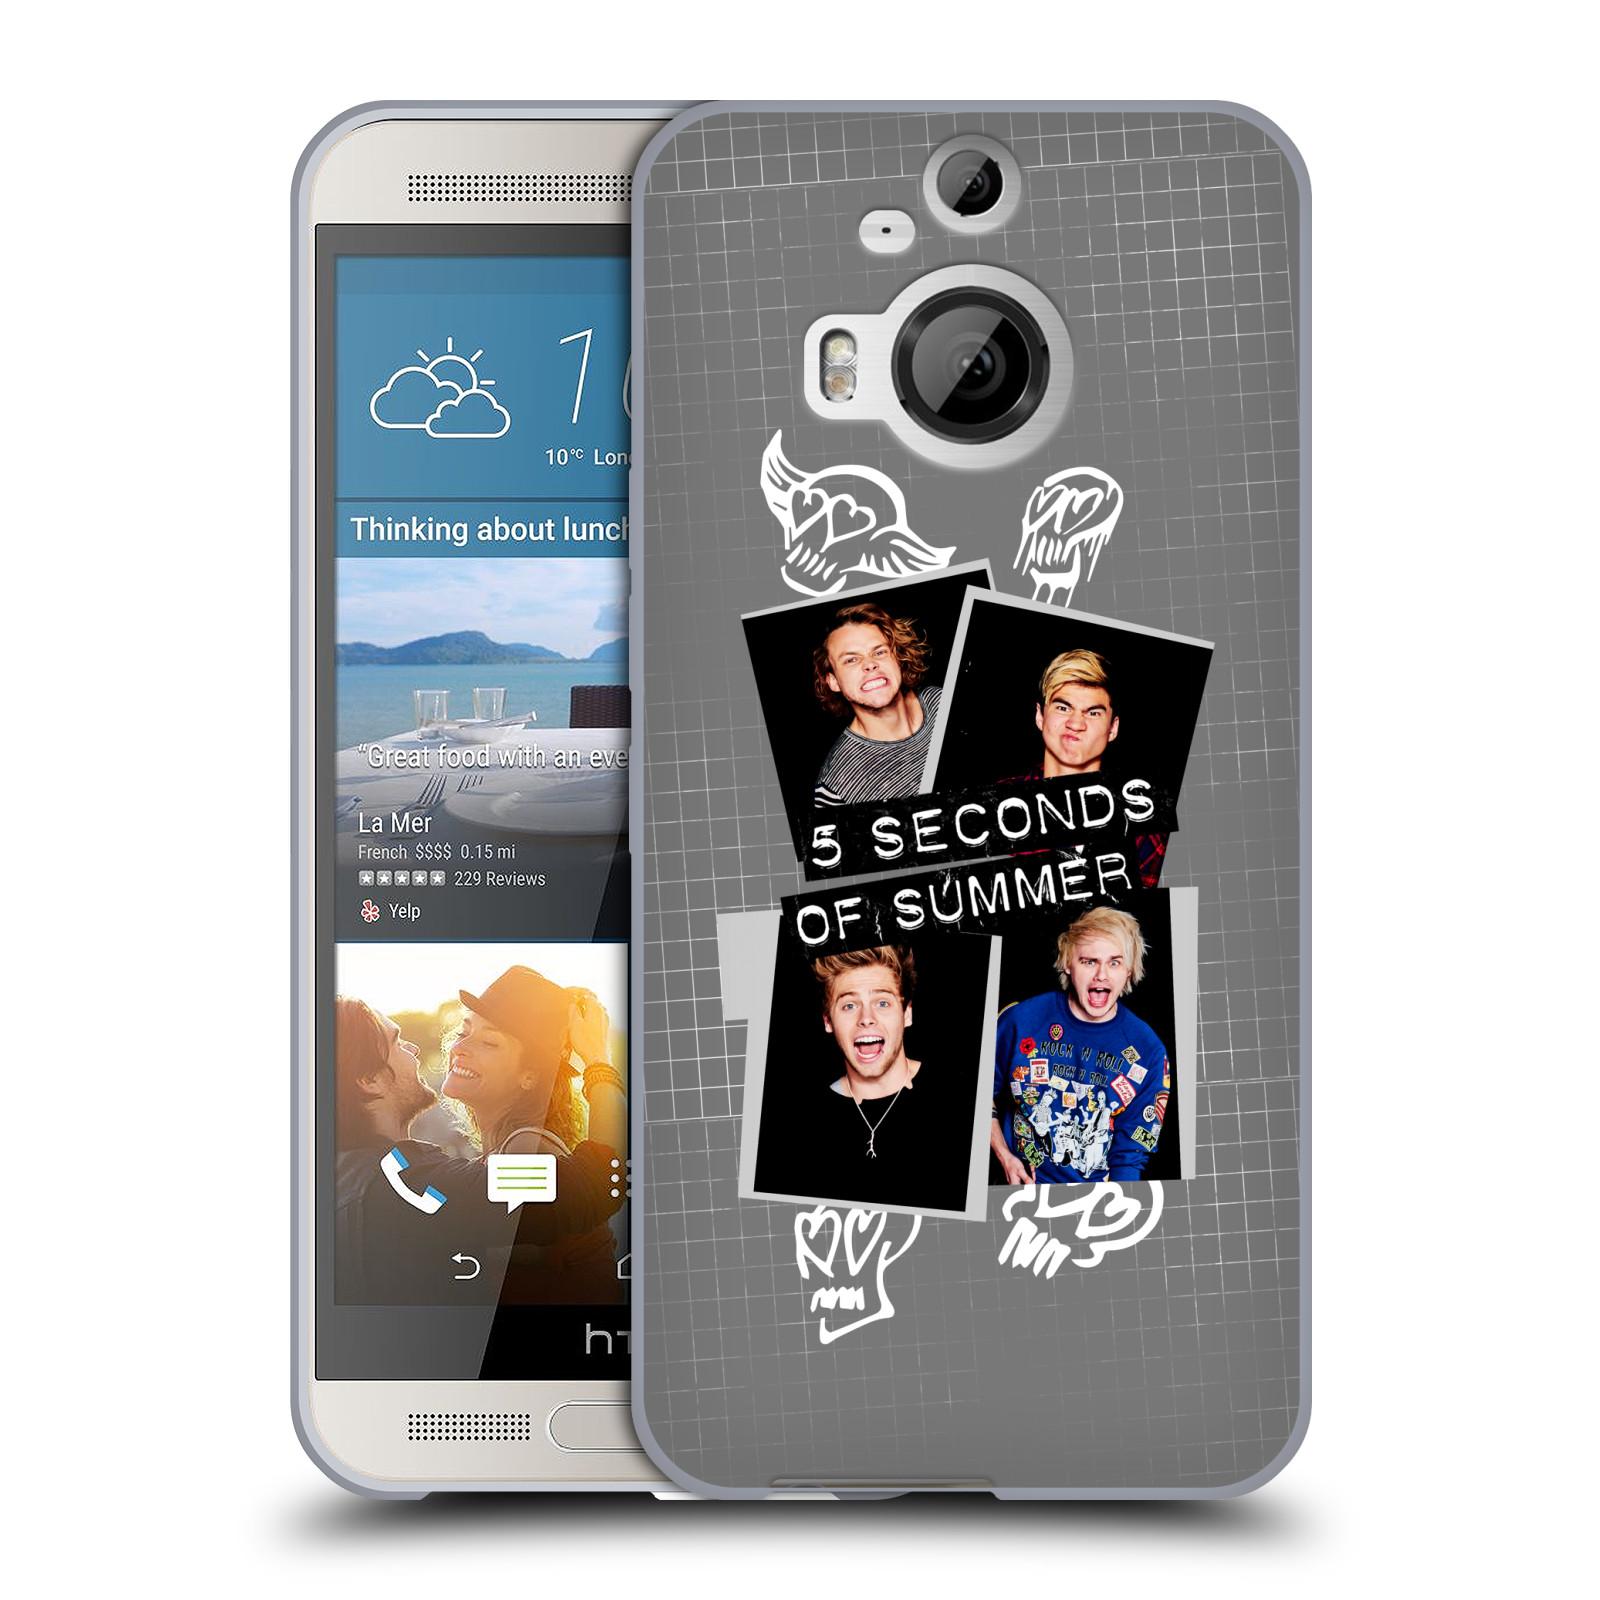 Silikonové pouzdro na mobil HTC One M9+ (Plus) HEAD CASE 5 Seconds of Summer - Band Grey (Silikonový kryt či obal na mobilní telefon licencovaným motivem 5 Seconds of Summer pro HTC One M9+)